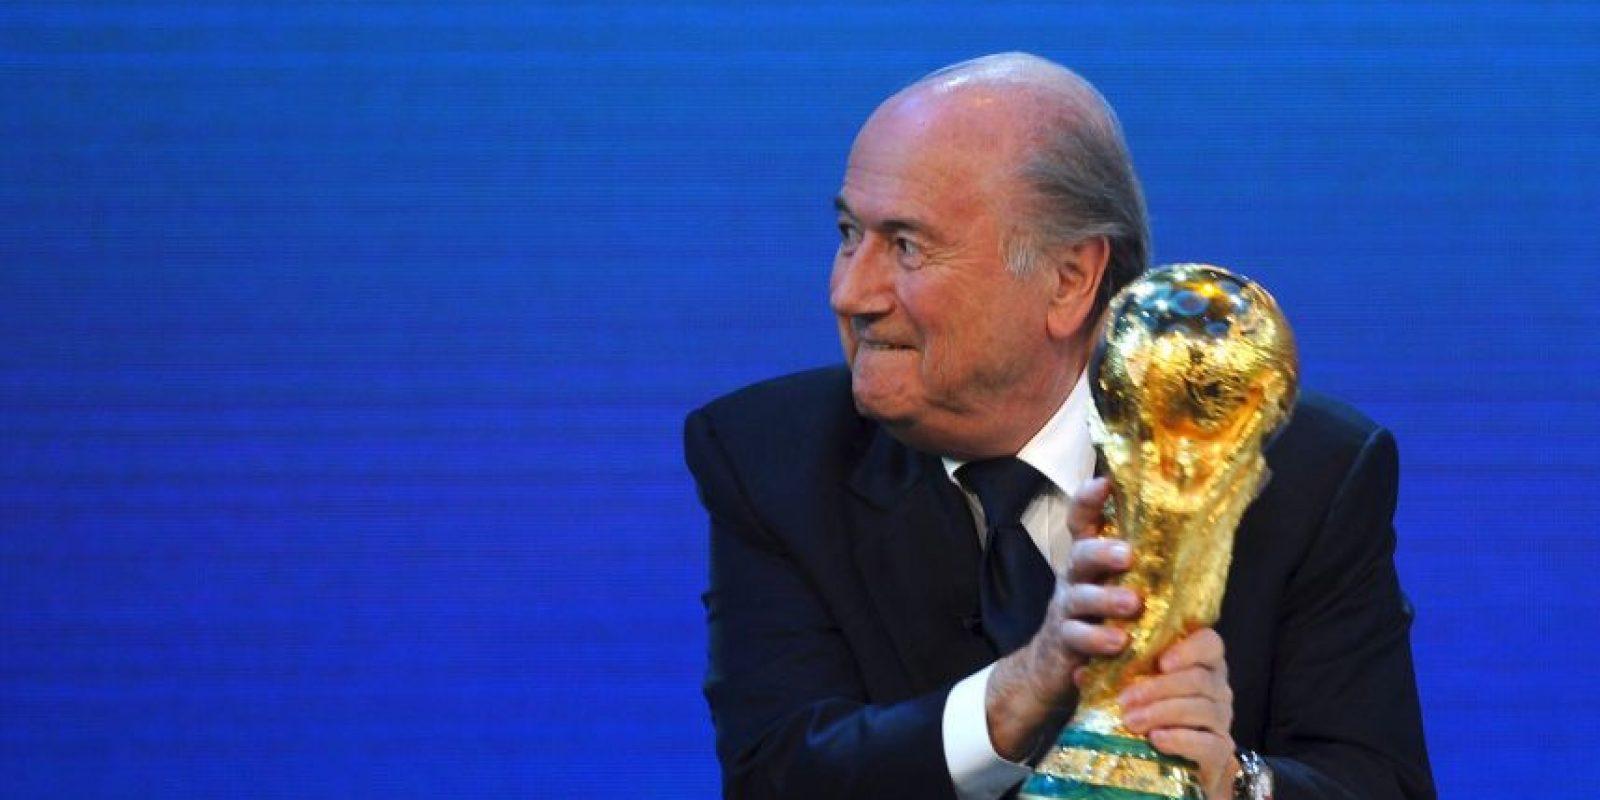 De hecho, Blatter está suspendido por 90 días por el Comité de Ética de la FIFA. Foto:Getty Images